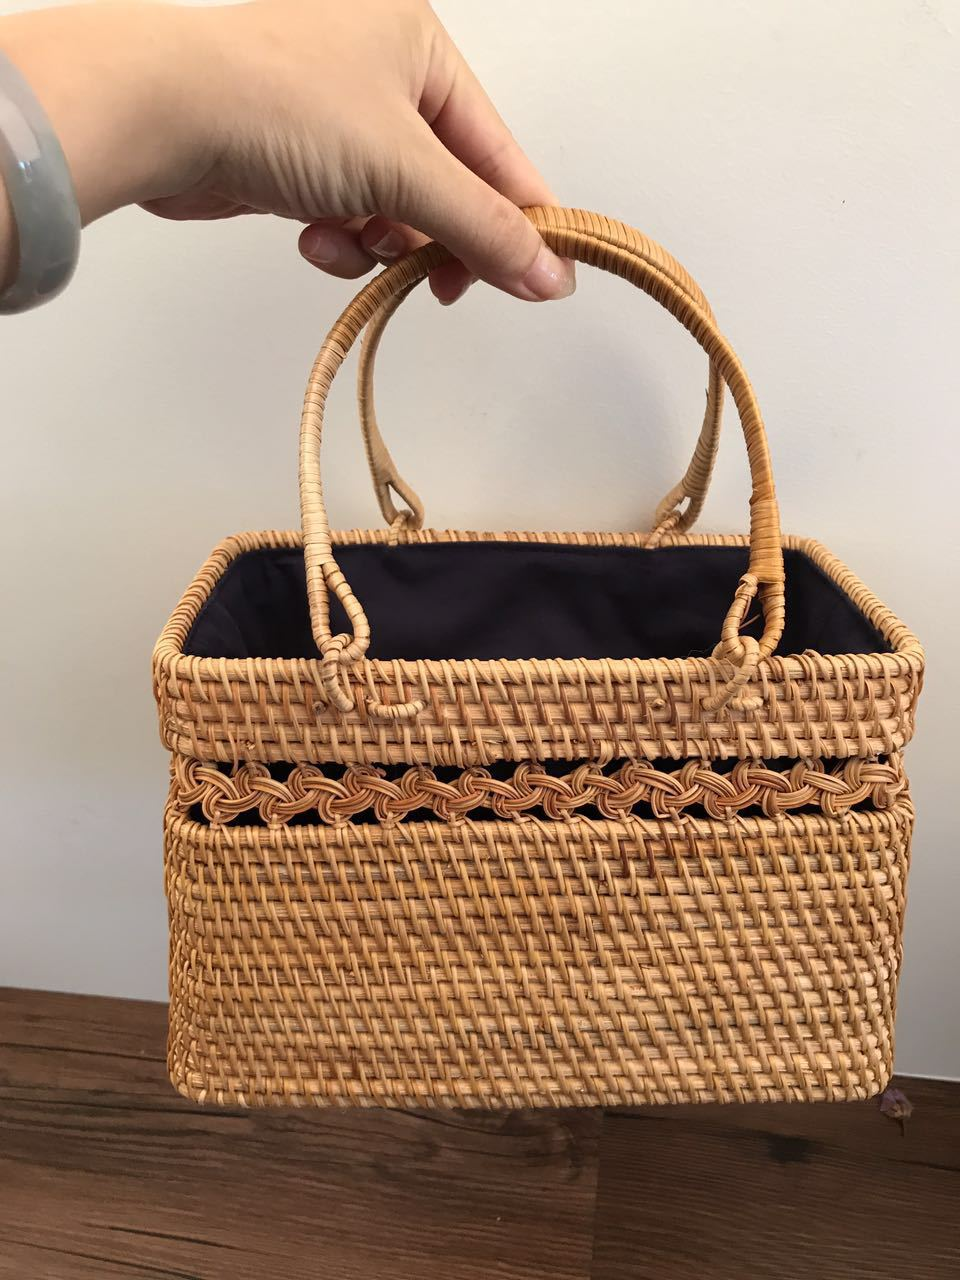 Livraison directe 2018 femmes vacances voyage plage sac loisirs rotin sac été nouveau tissé à la main sacs à main à la main bohême Totes sac